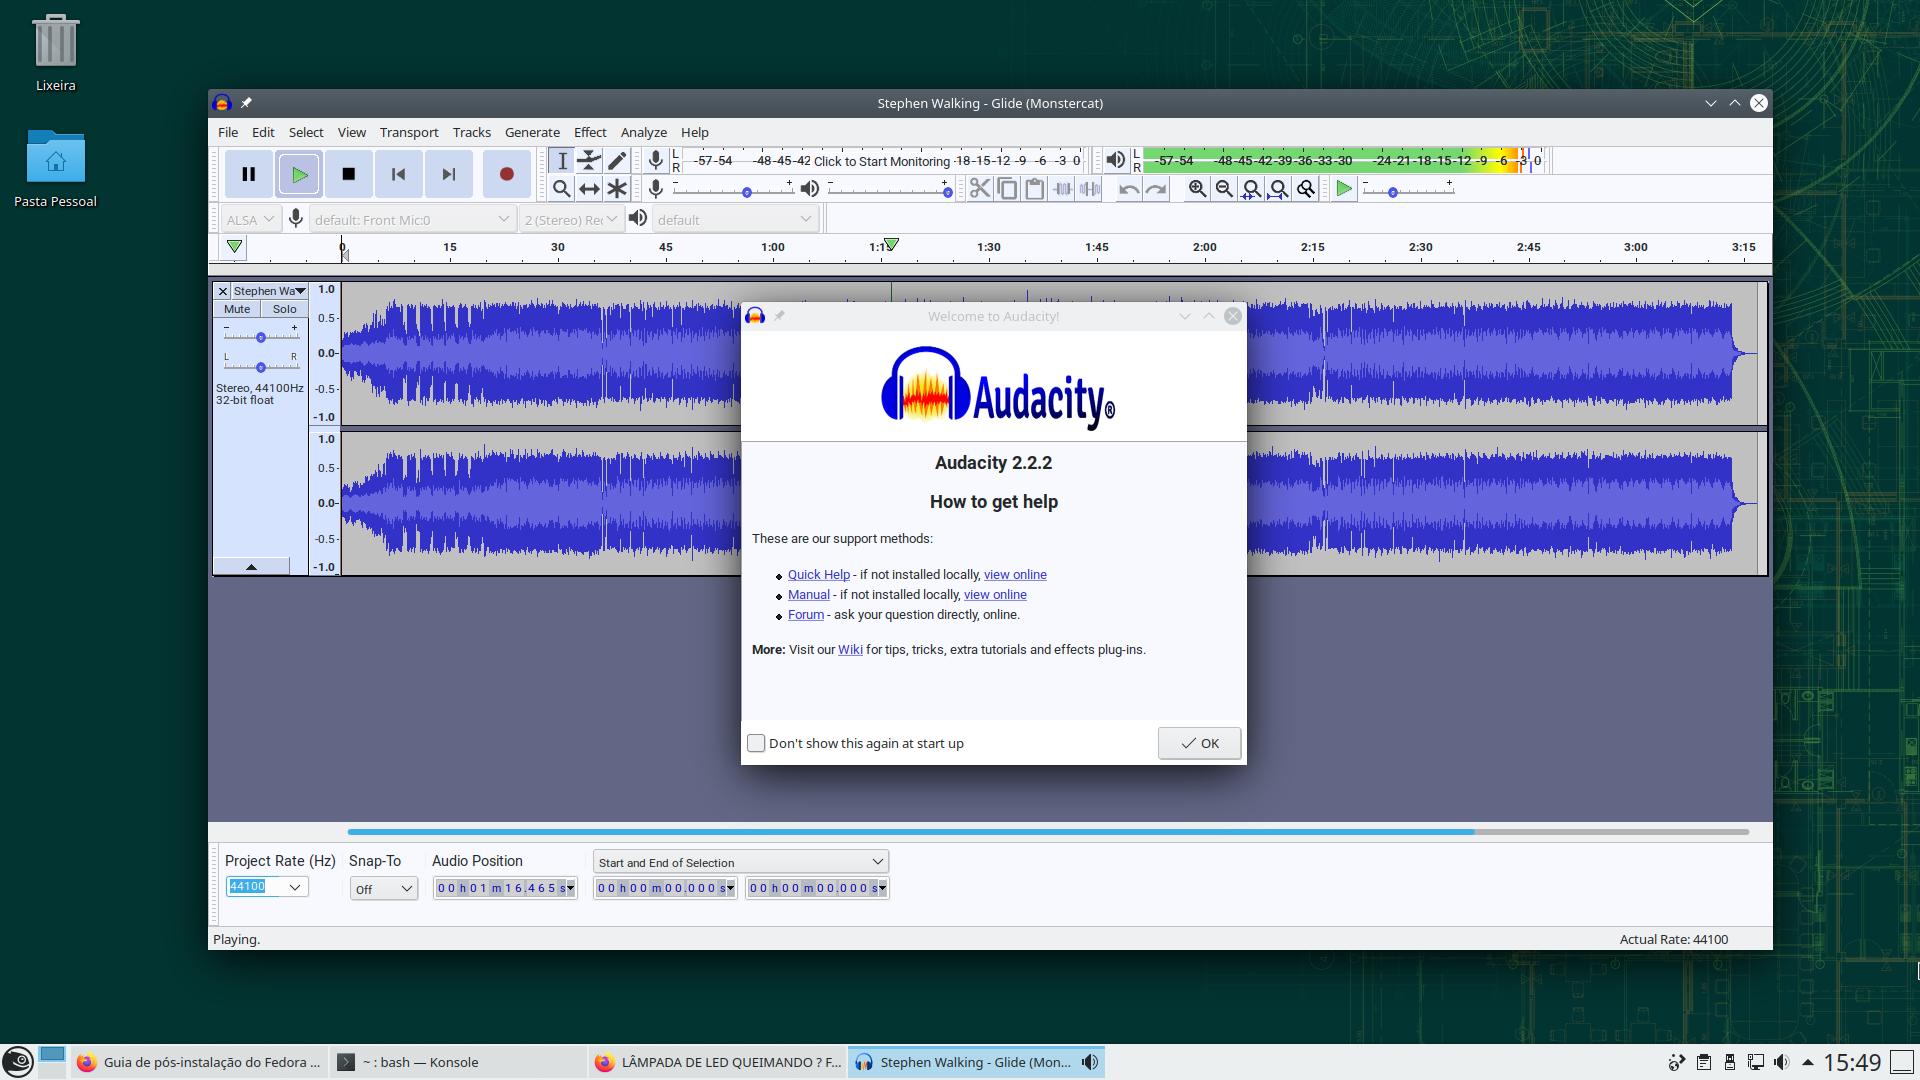 Audacity executando no openSUSE Leap 15.3